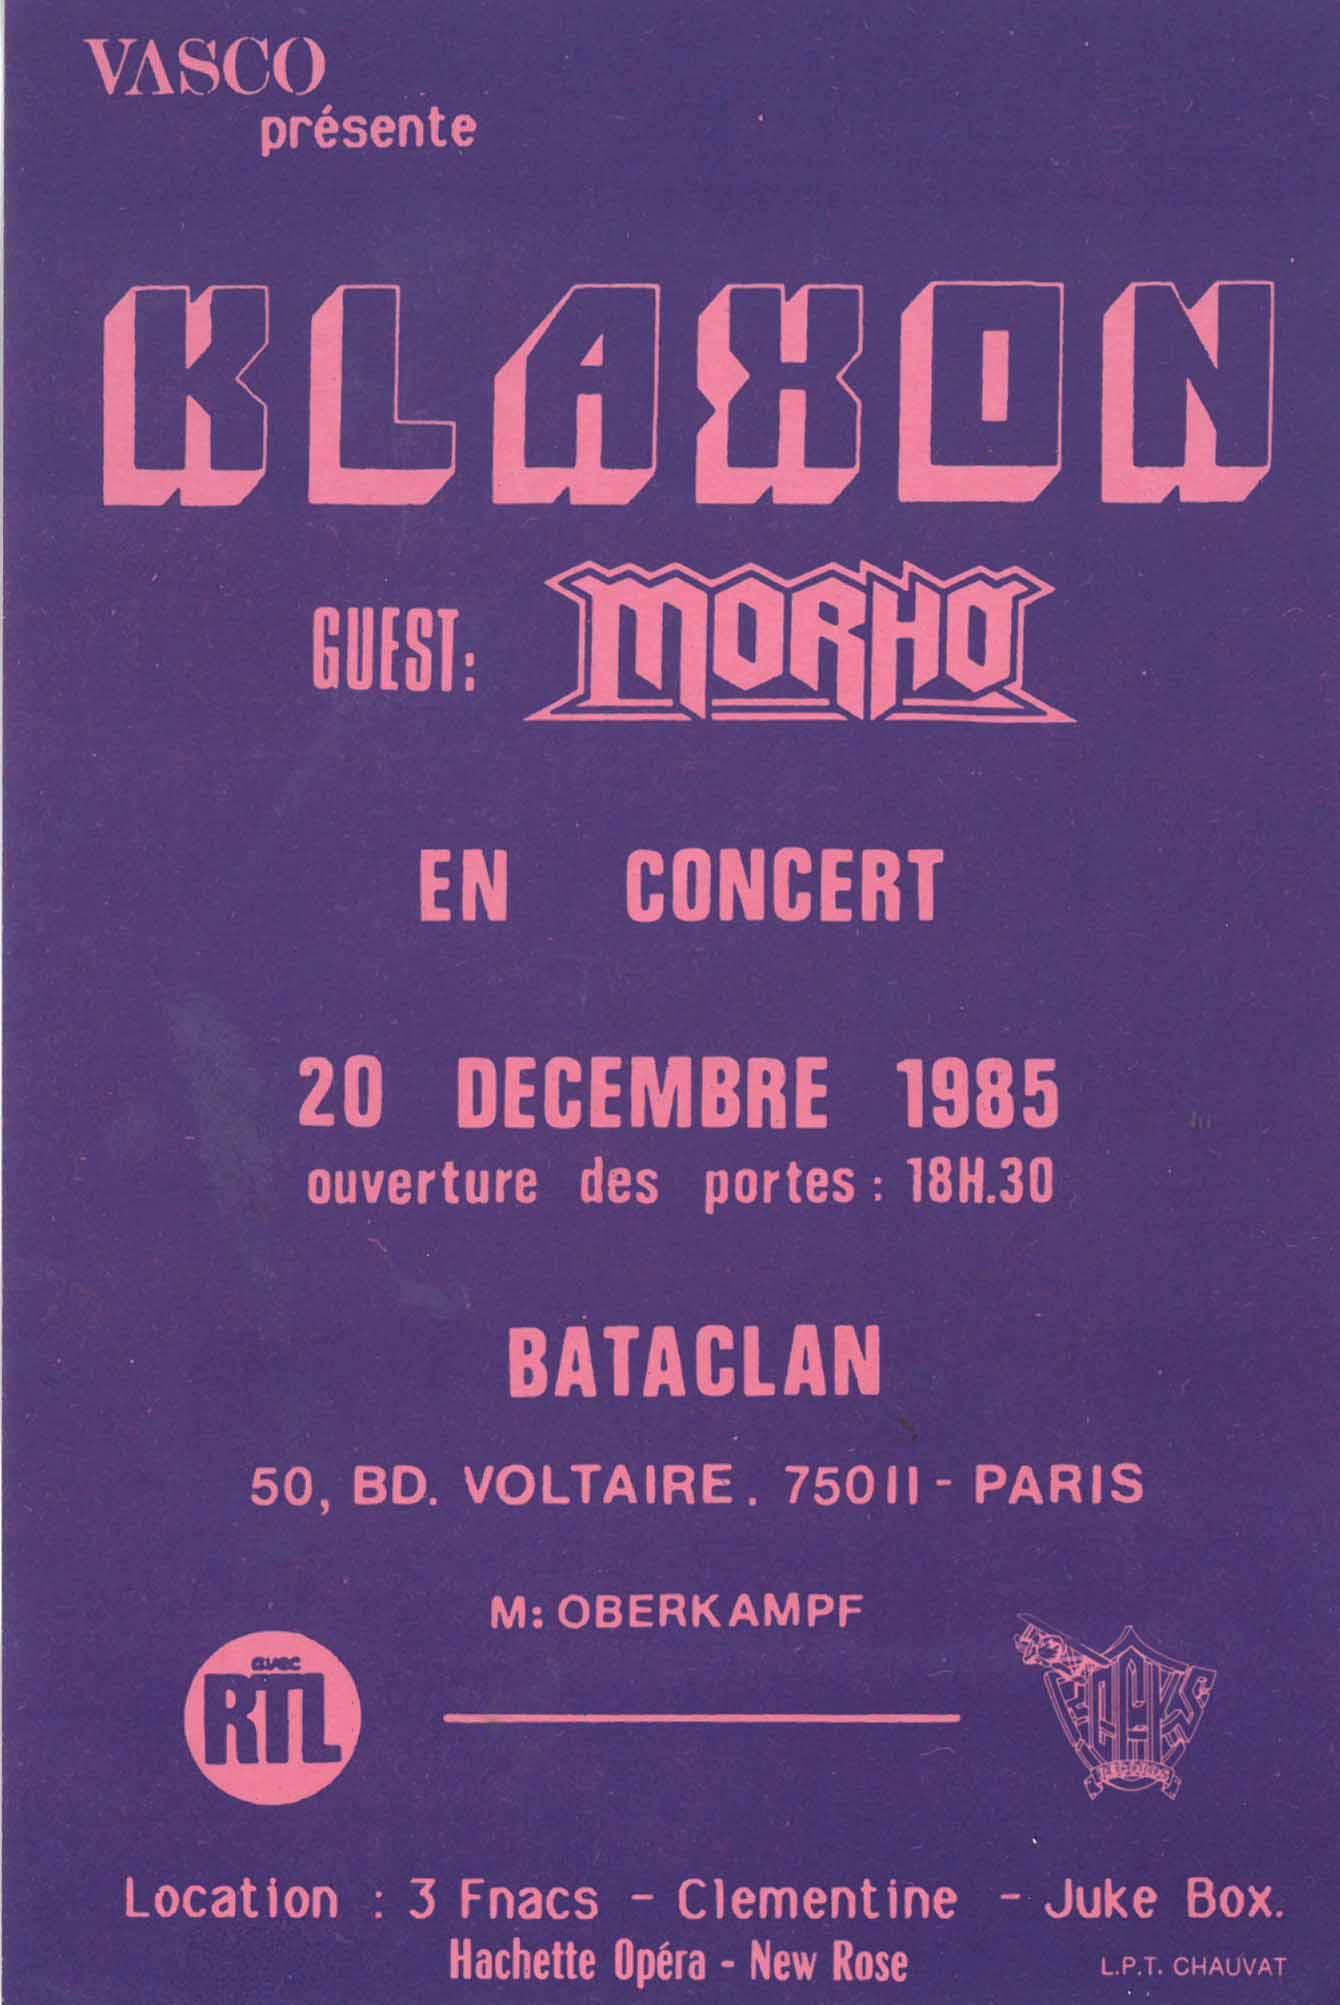 """20 decembre 1985 Klaxon, Morho à Paris """"Bataclan"""""""